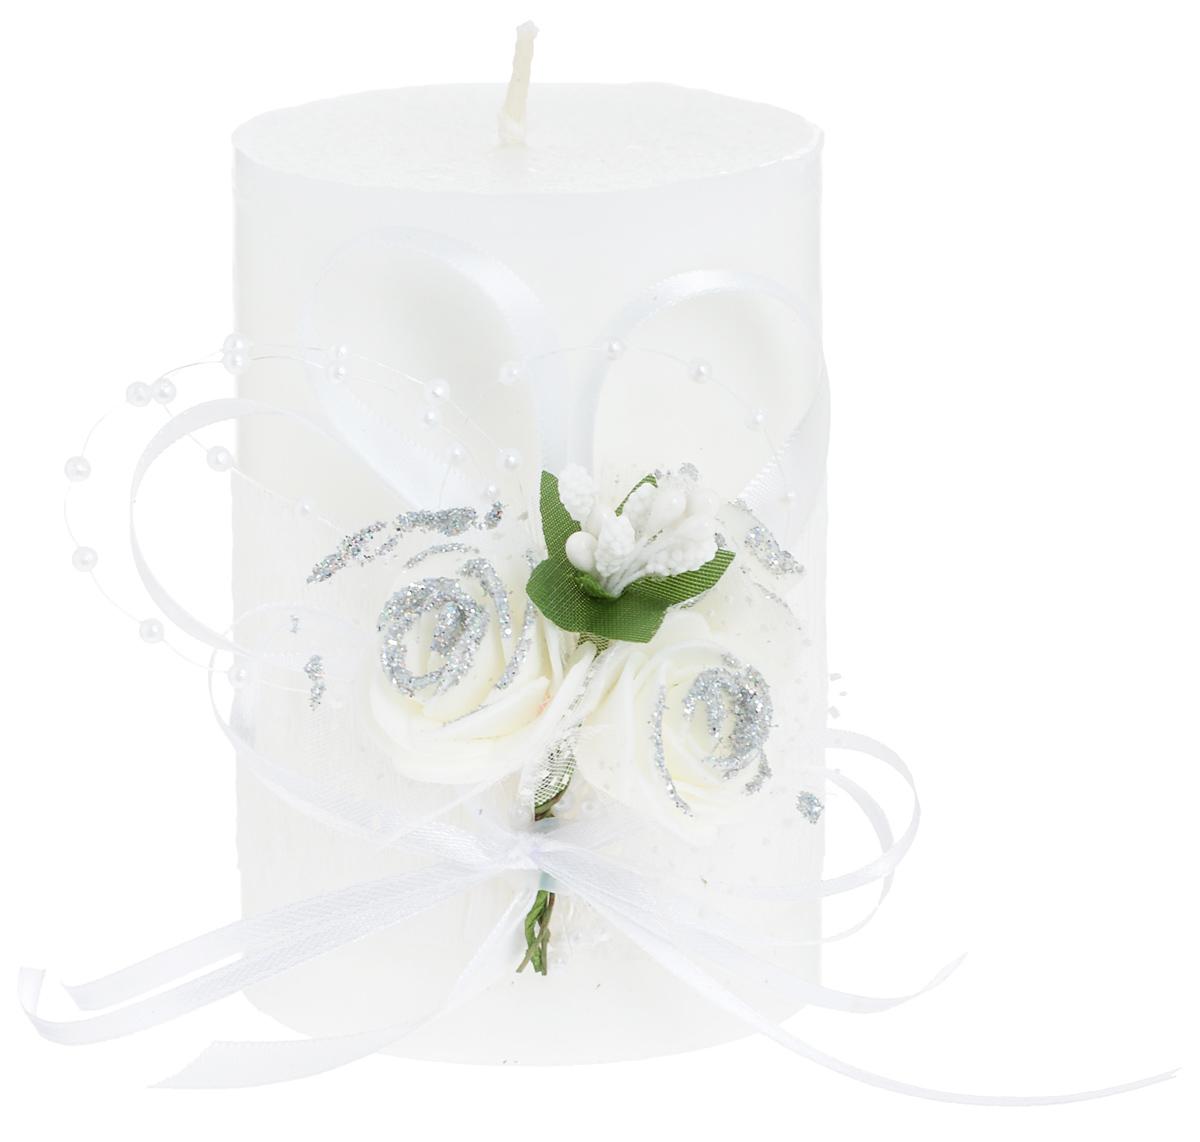 Свеча декоративная Win Max Свадебная, высота 10 см. 9470494704Свеча декоративная Win Max Свадебная выполнена из парафина белого цвета. Изделие выполнено в форме столбика и декорировано композицией из цветов и ленточек. Свеча будет вас радовать и достойно украсит интерьер. Вы можете поставить свечу в любом месте, где она будет удачно смотреться и радовать глаз. Кроме того, эта свеча - отличный вариант подарка для ваших близких и друзей. Диаметр свечи: 7 см.